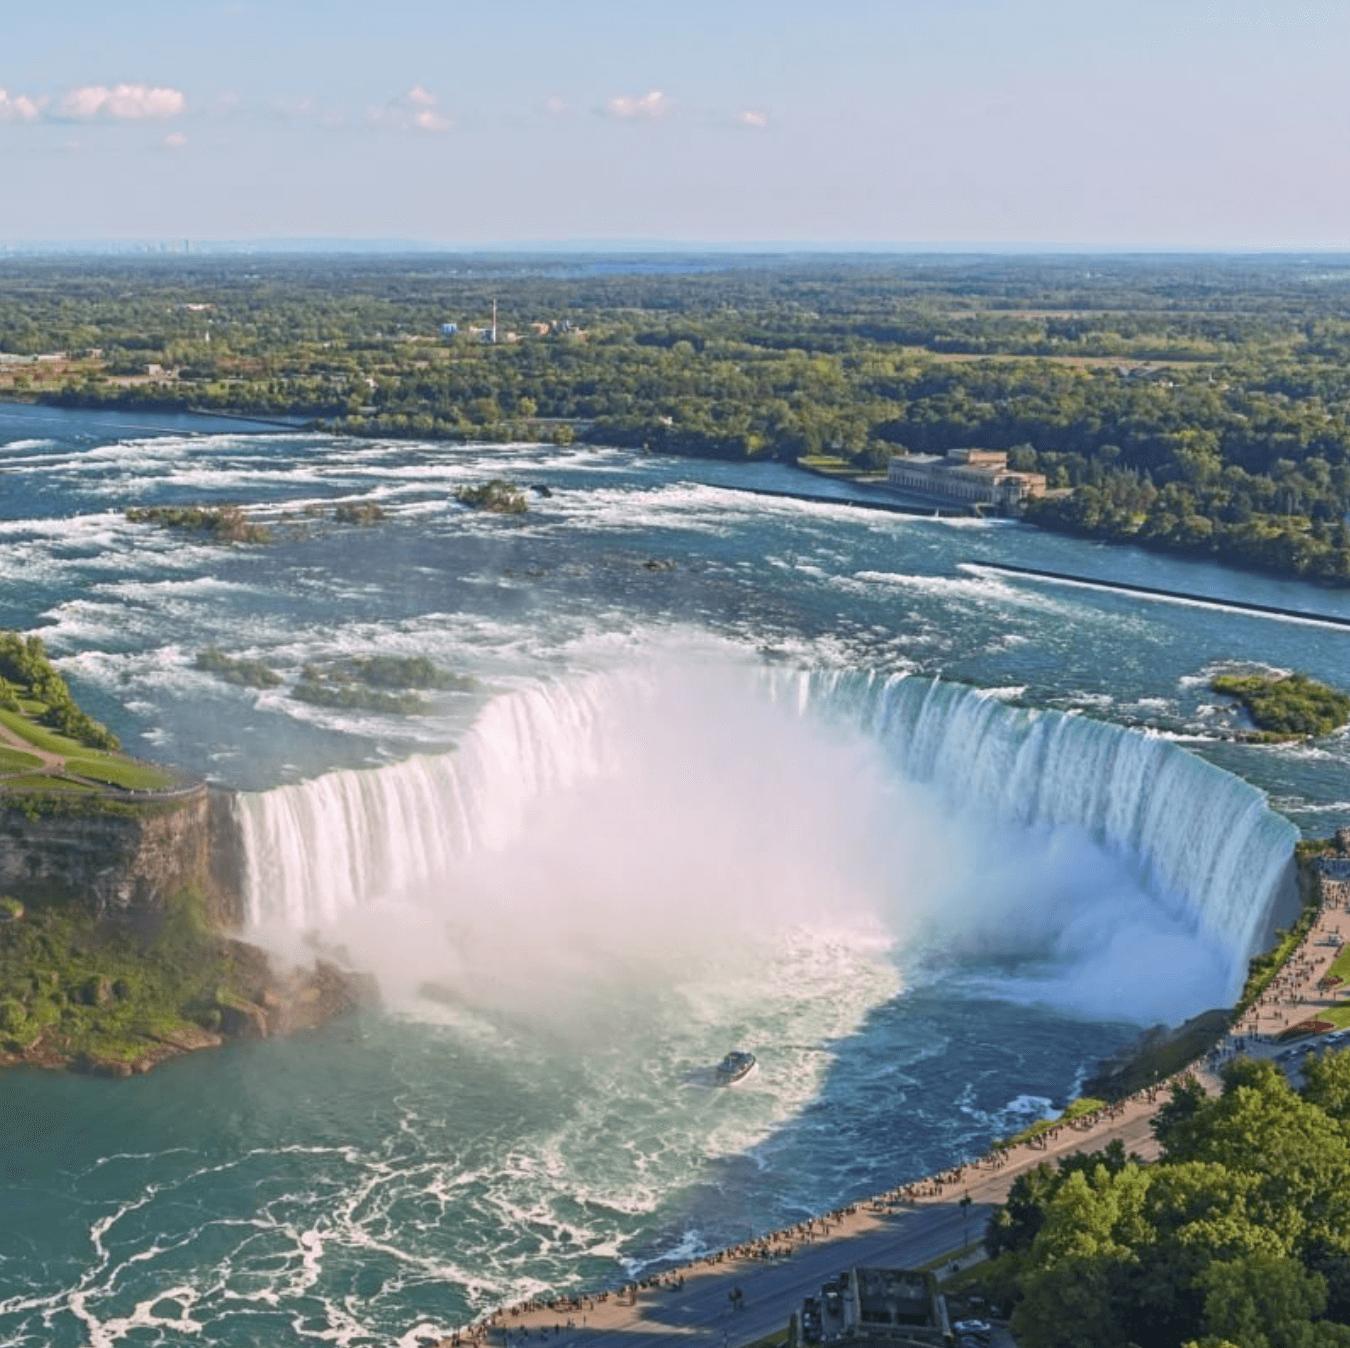 Escursione alle Cascate del Niagara (1 giorno)